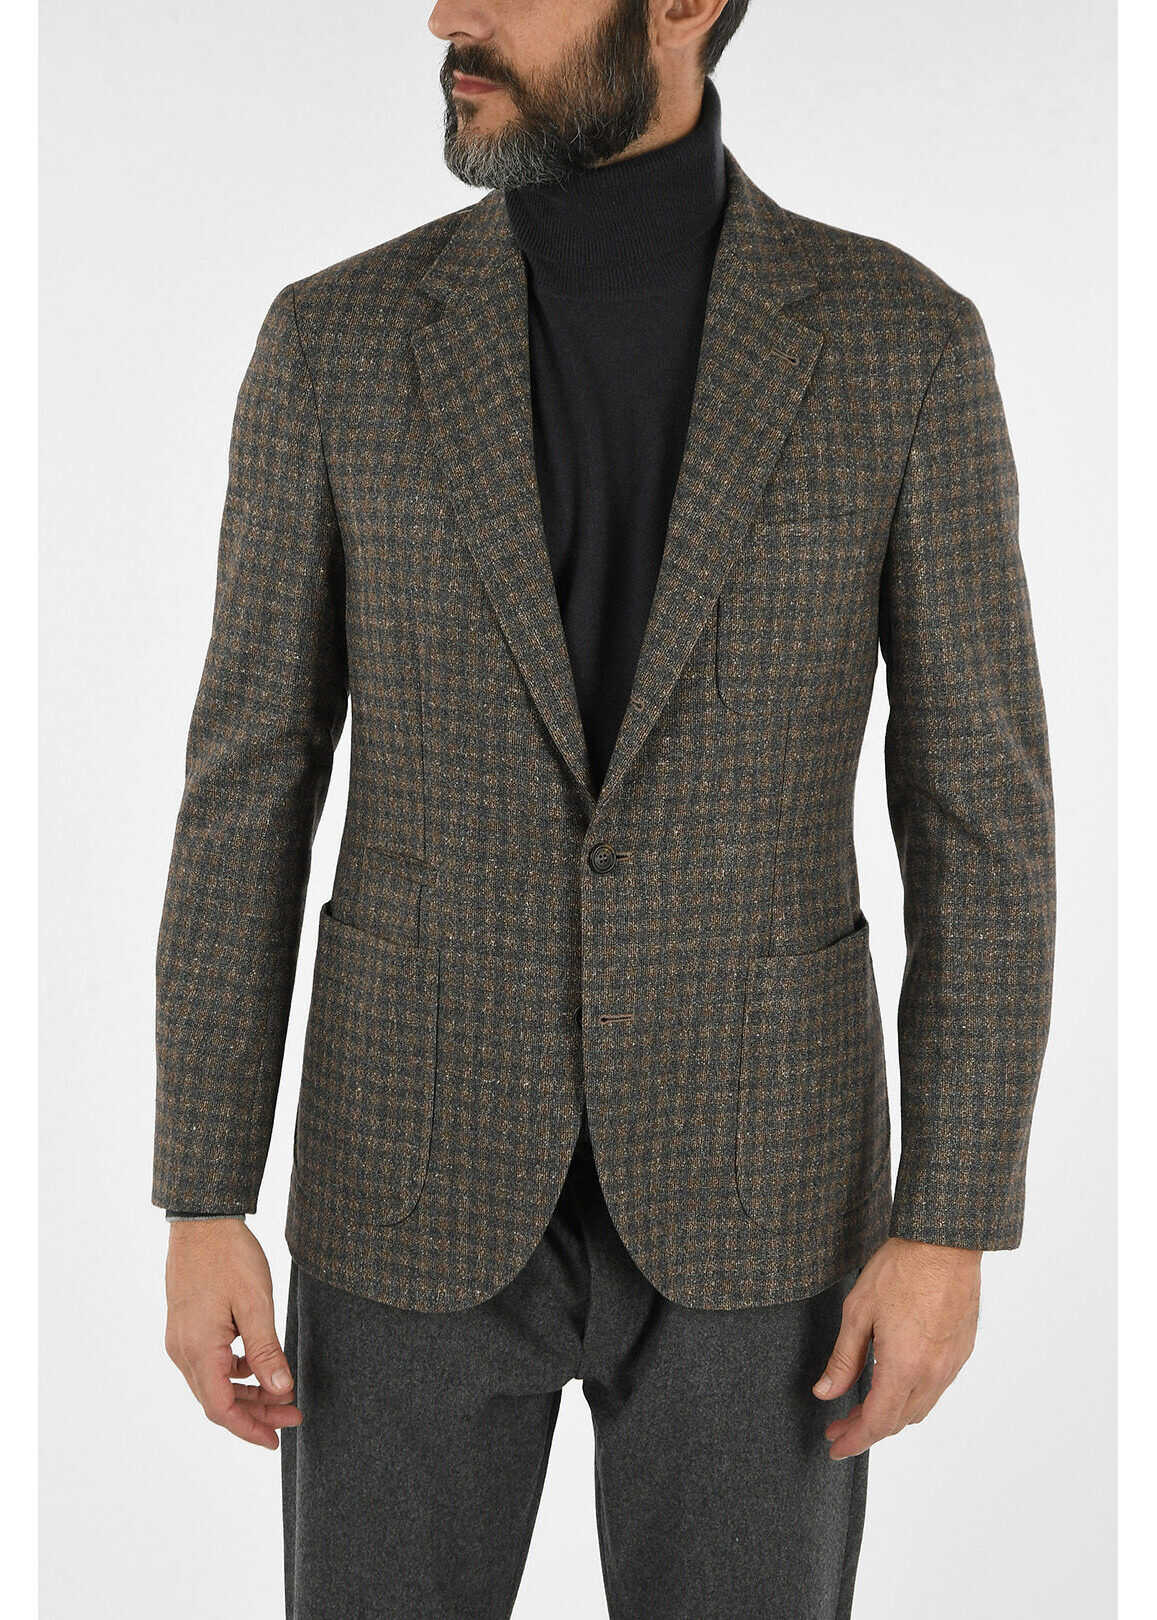 Brunello Cucinelli Wool Checked Blazer BROWN imagine